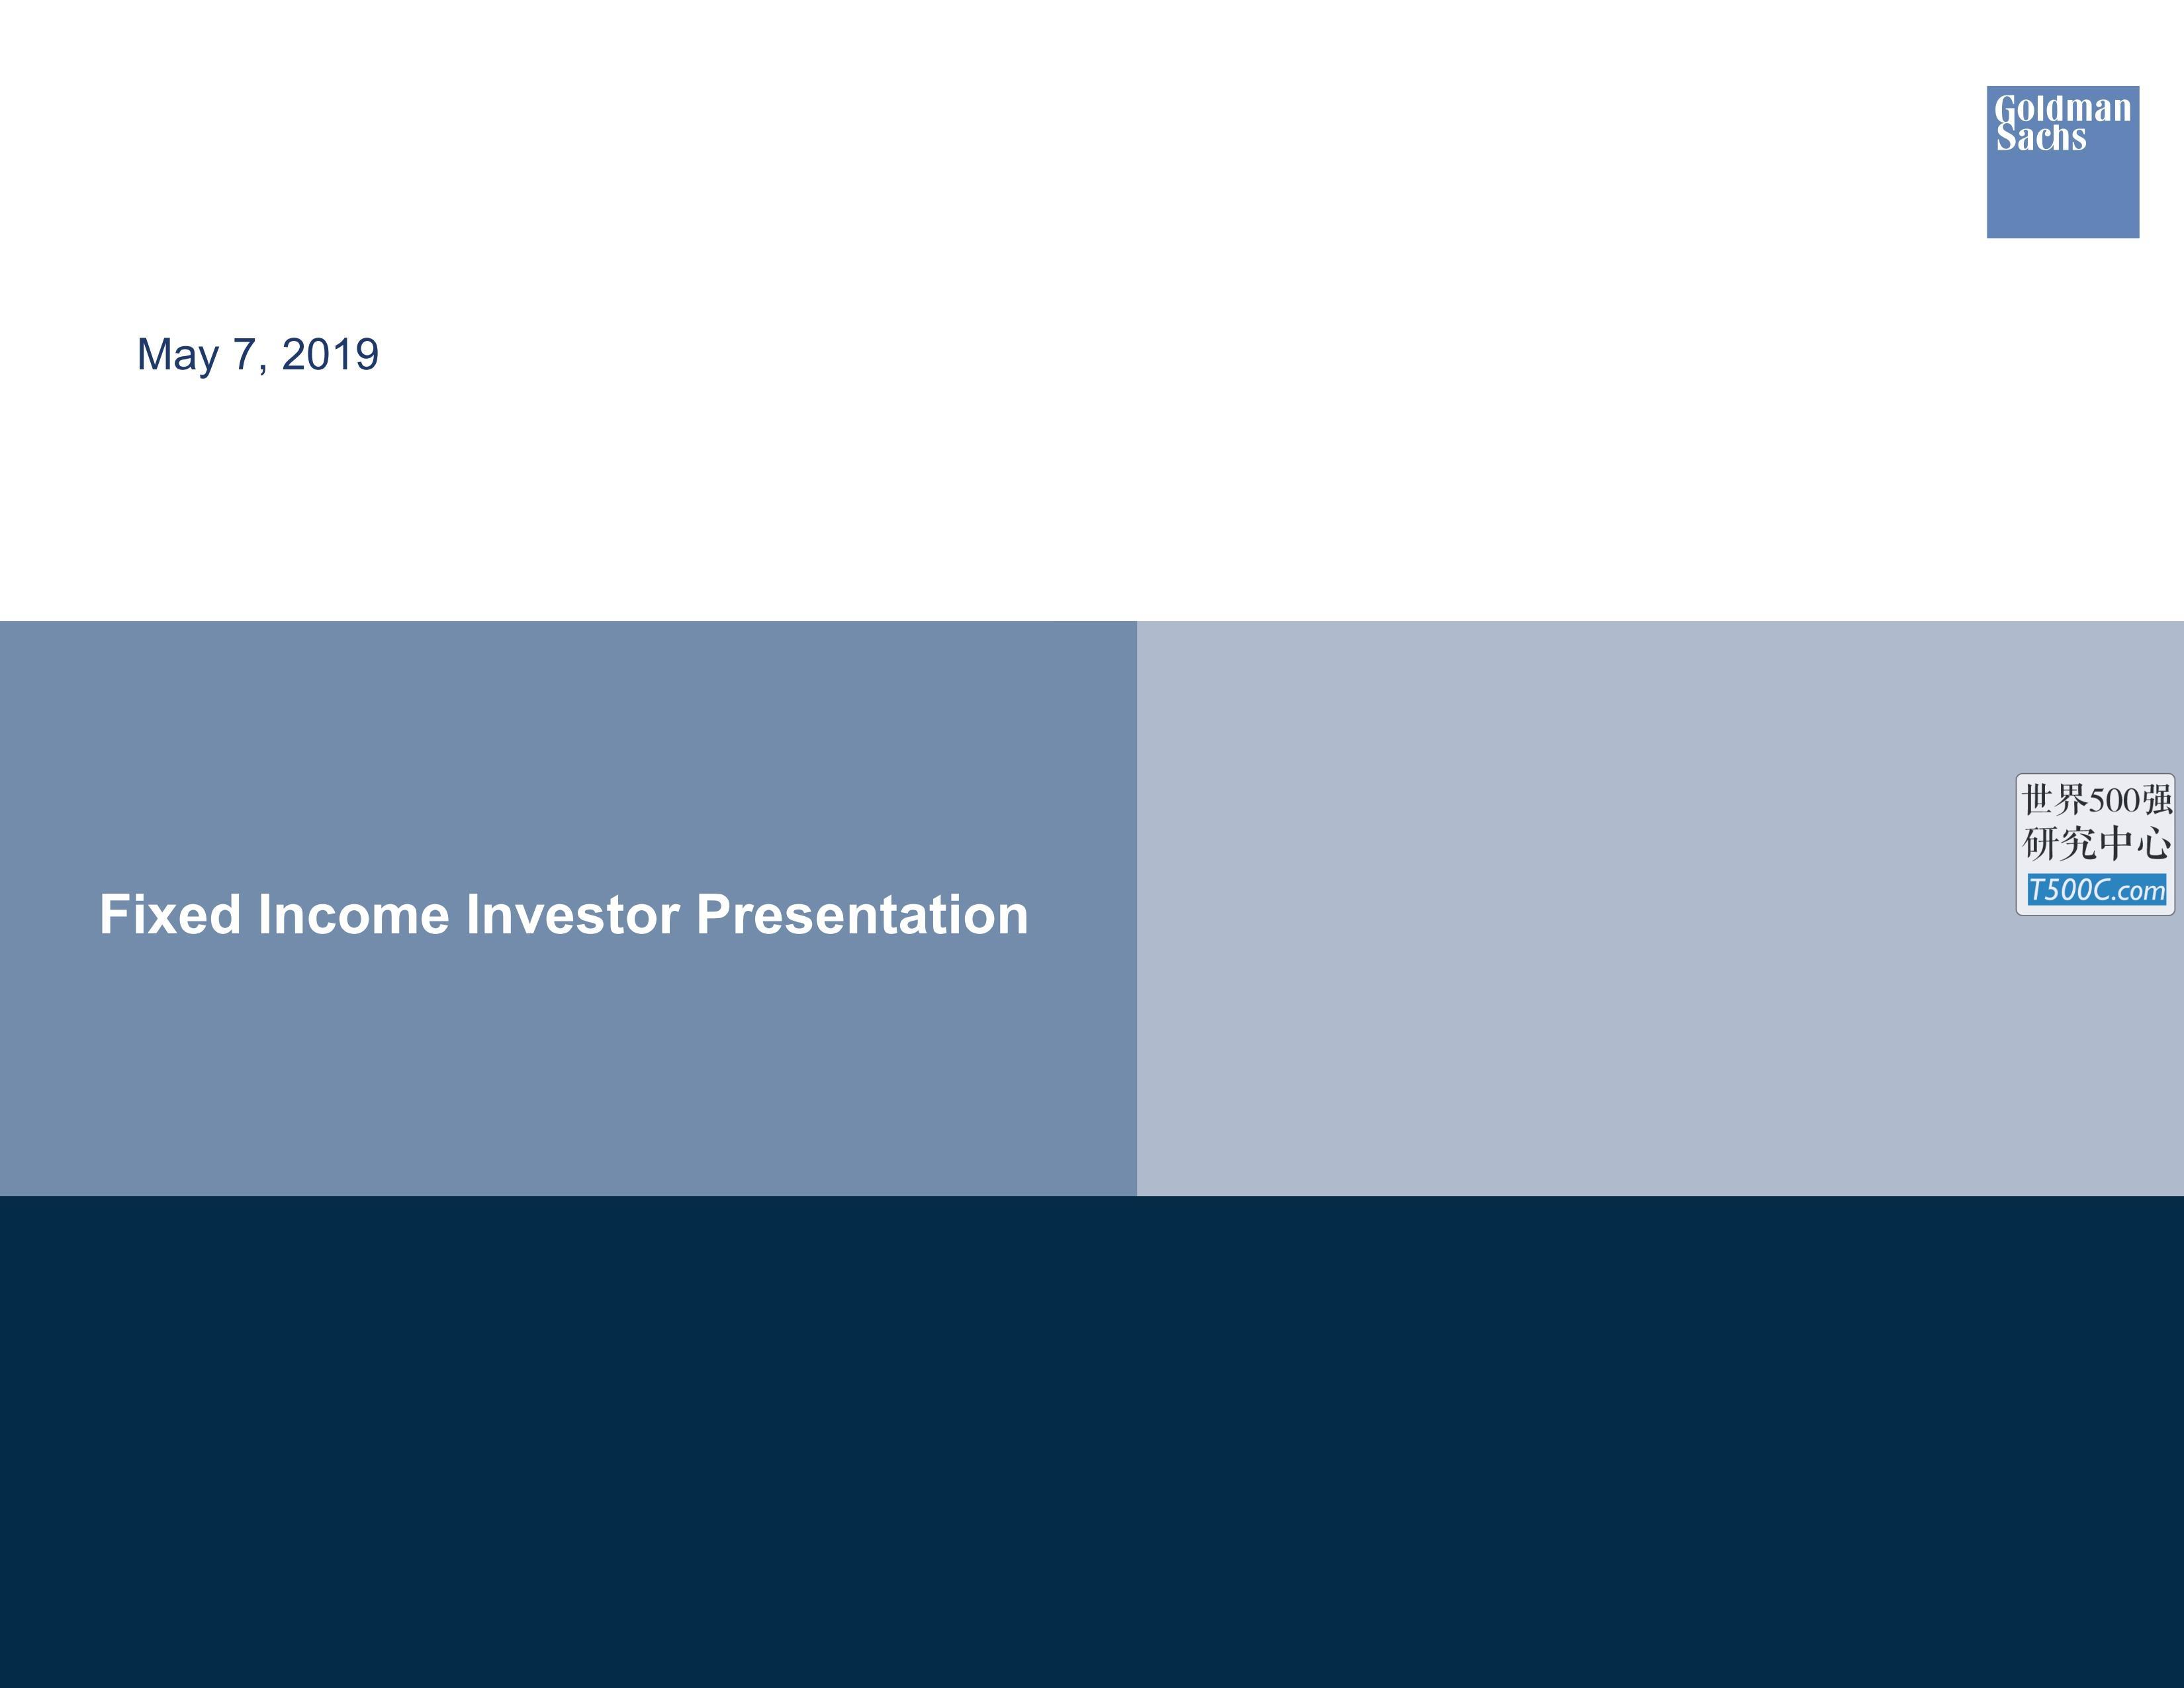 高盛GoldmanSachs_PPT样式_2019_T500C.com_fixed-income-presentation.pdf